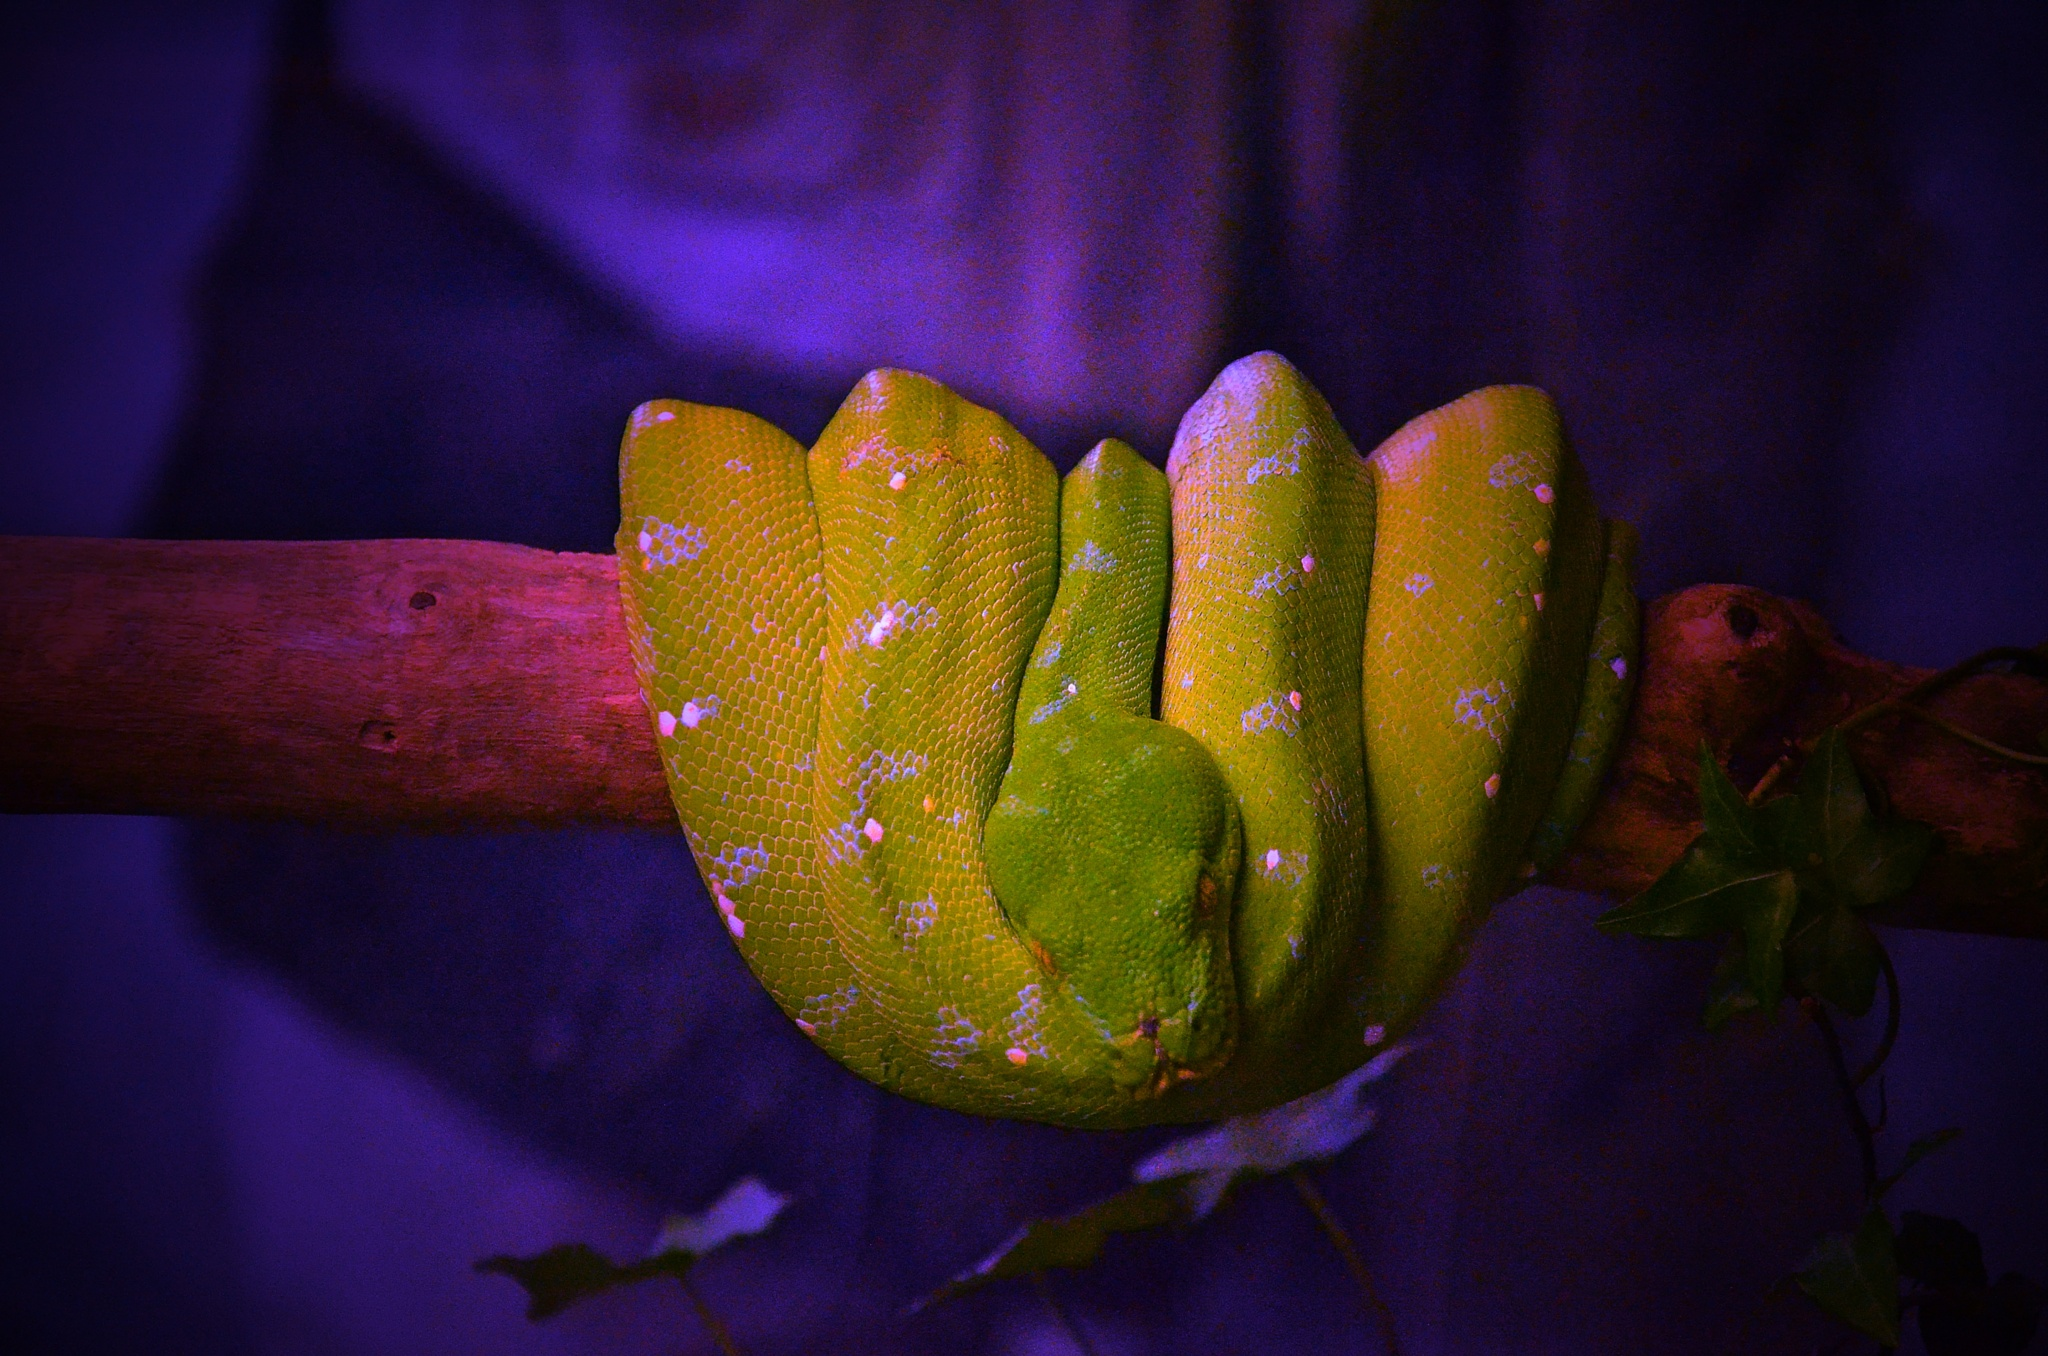 Sleeping Serpent by Rudy Tarrazona Guacena